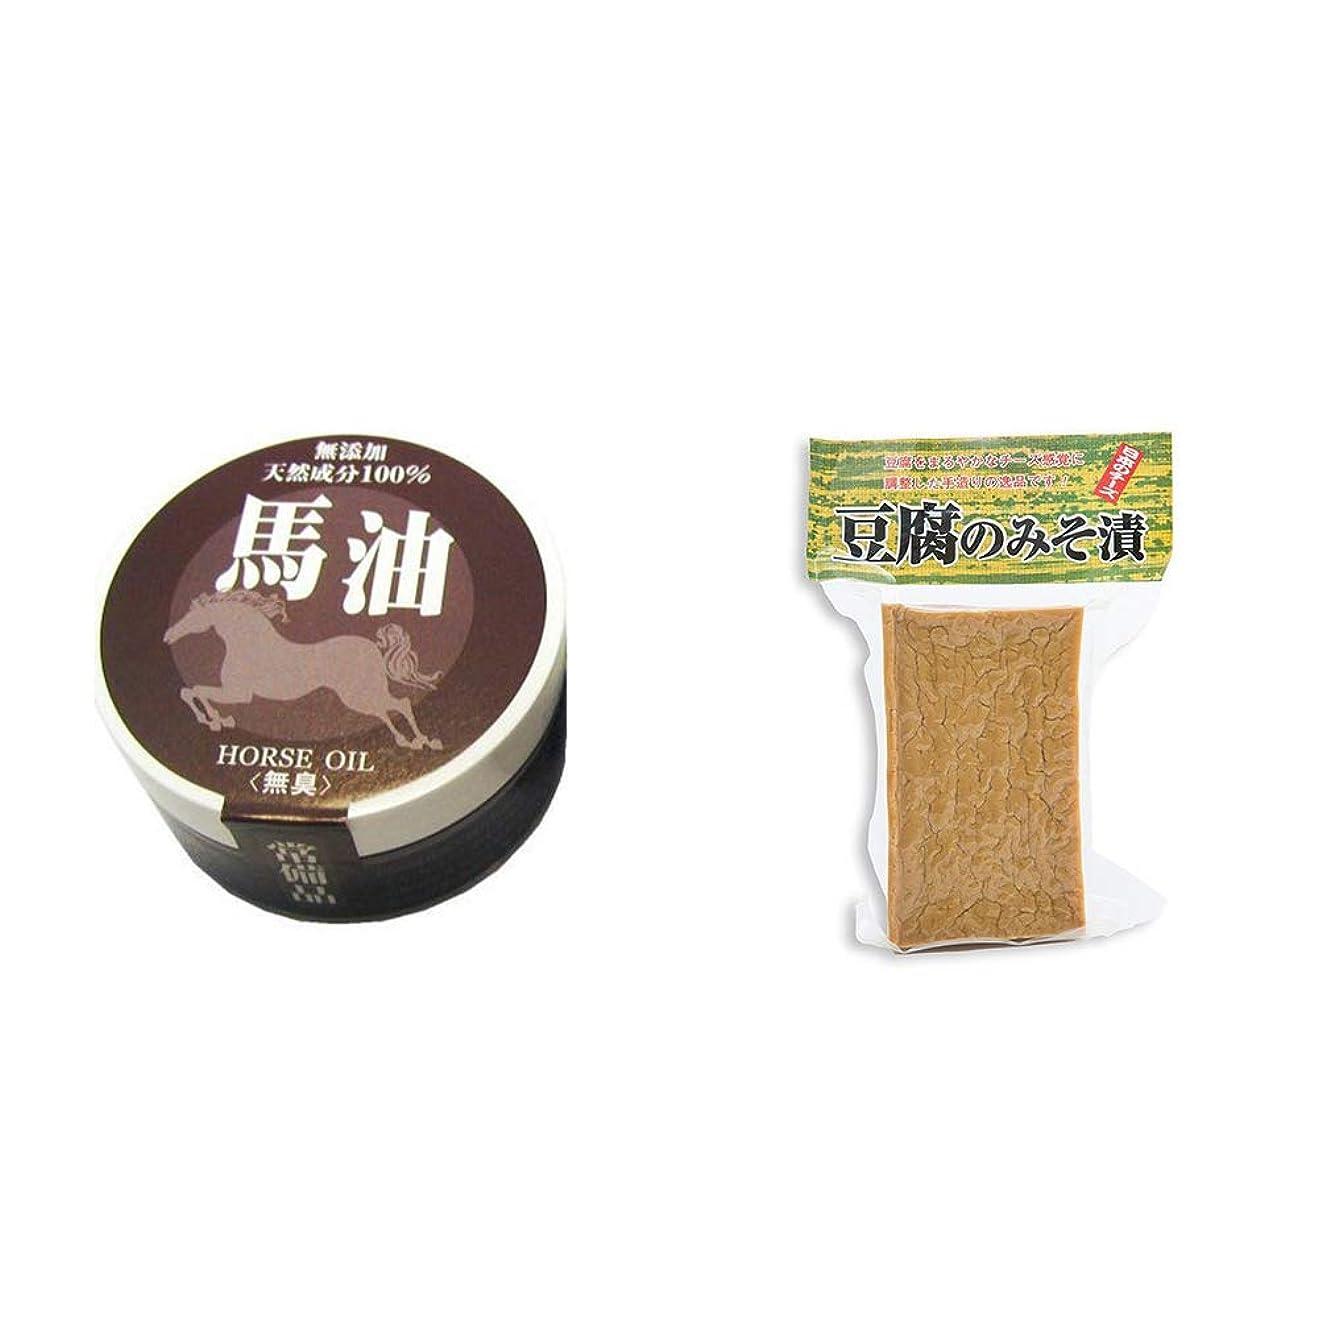 実現可能勝利した組み込む[2点セット] 無添加天然成分100% 馬油[無香料](38g)?日本のチーズ 豆腐のみそ漬(1個入)